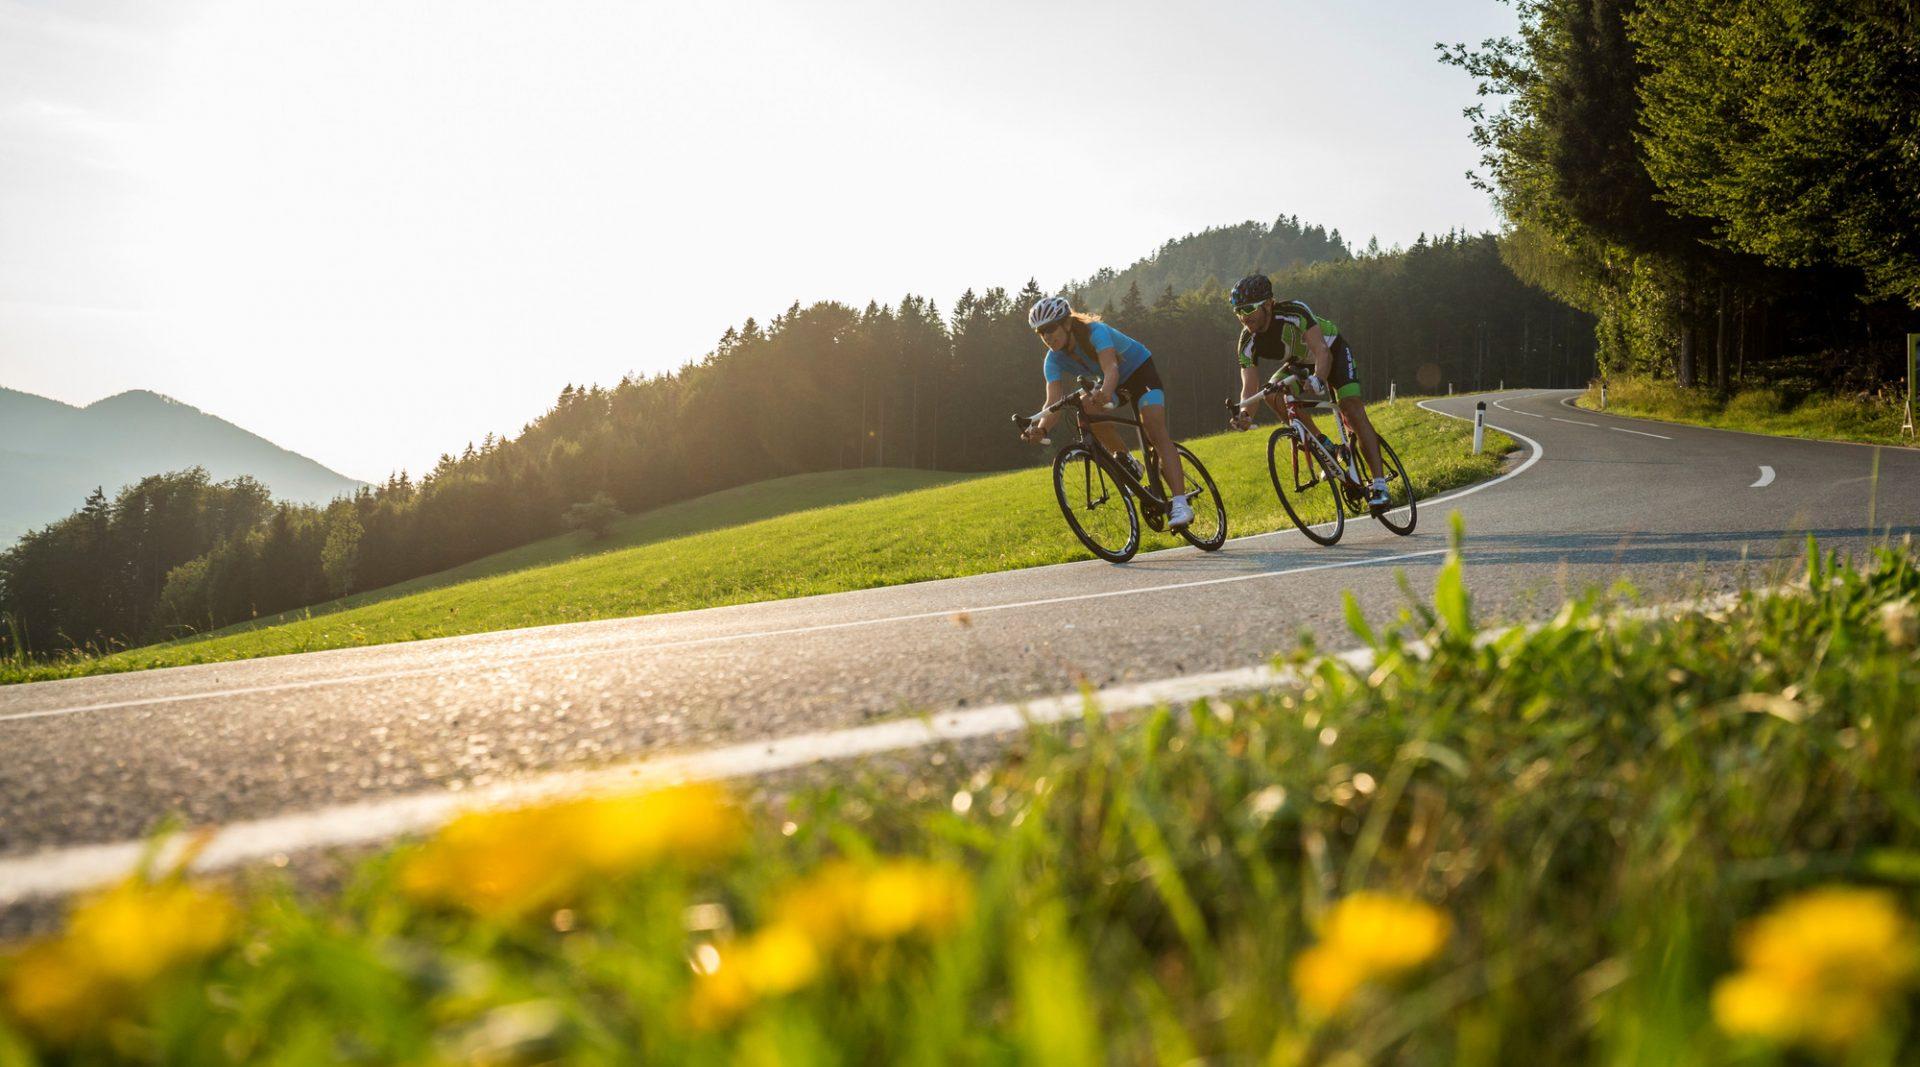 Zwei Radfahrer fahren im Sonnenuntergang bergab um die Wette